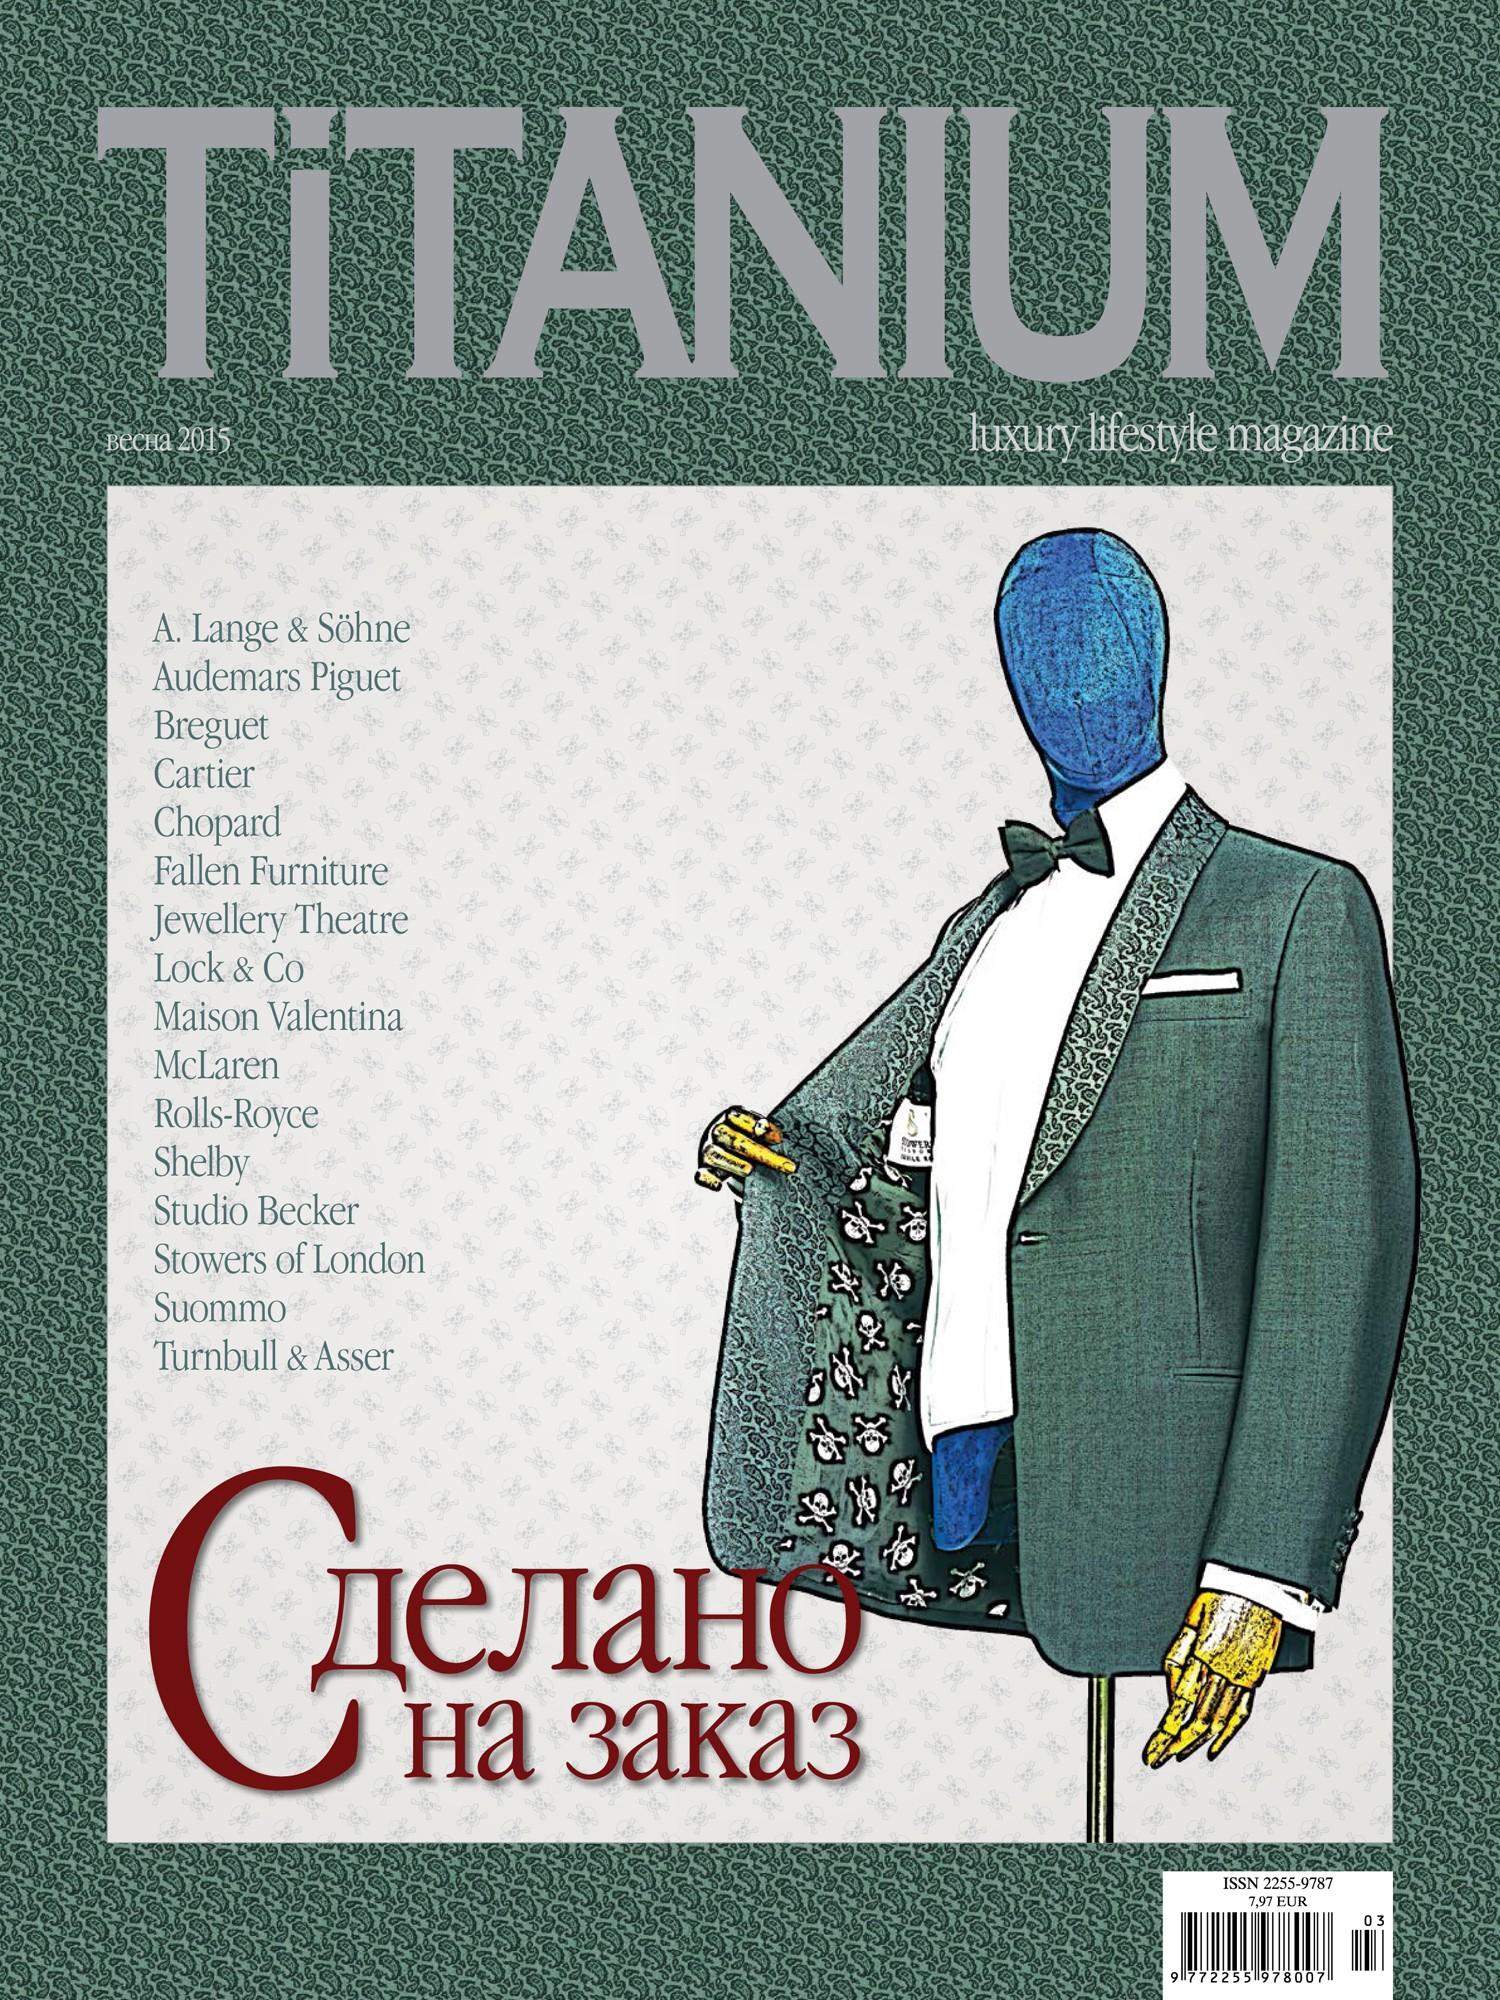 Titanium_nr_31